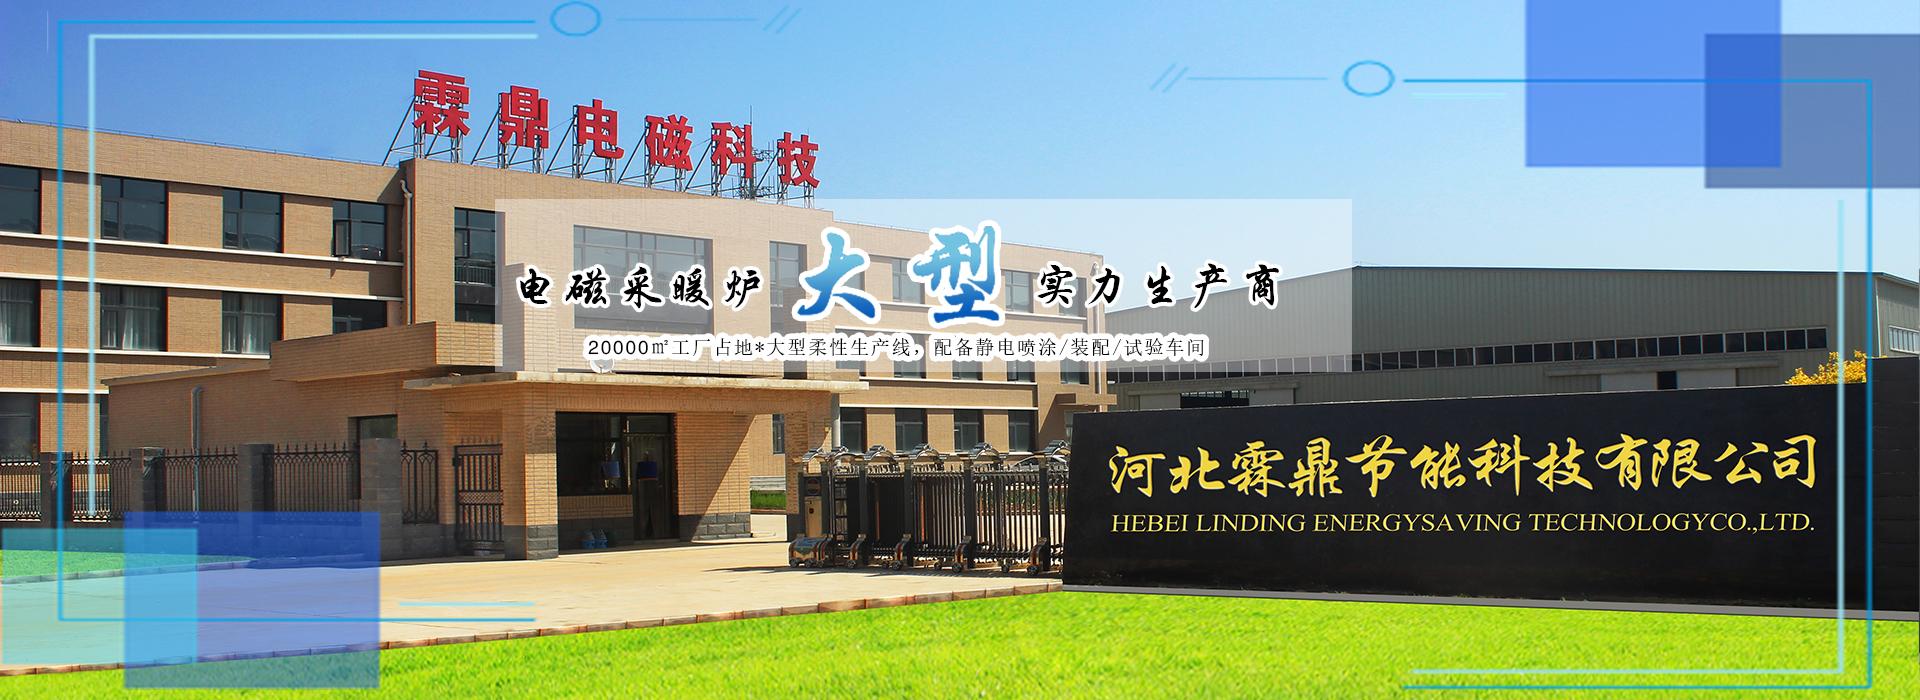 电暖炉大型实力生产商banner-1